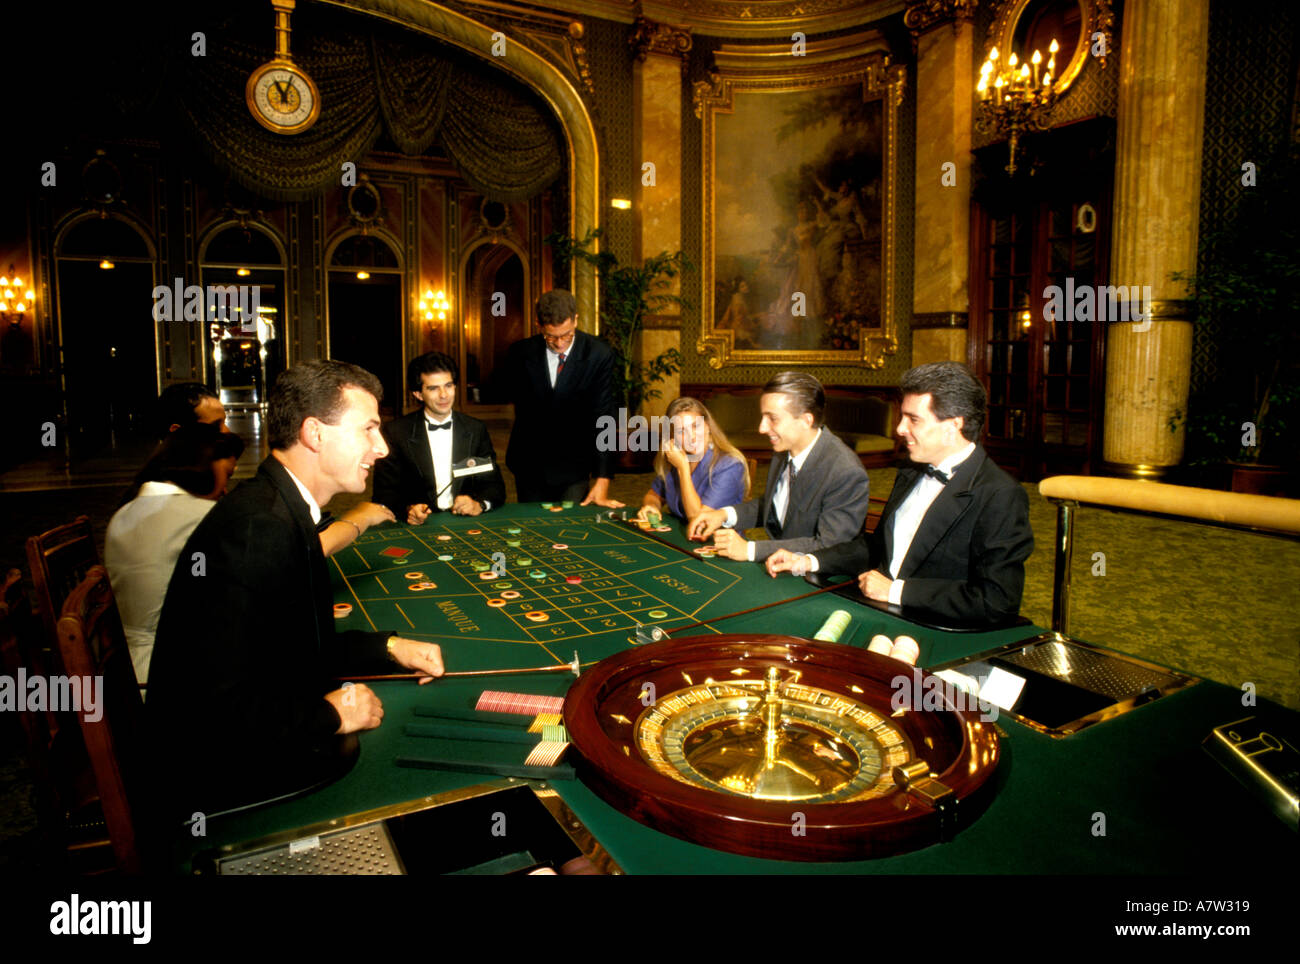 monte carlo casino minimum bet roulette